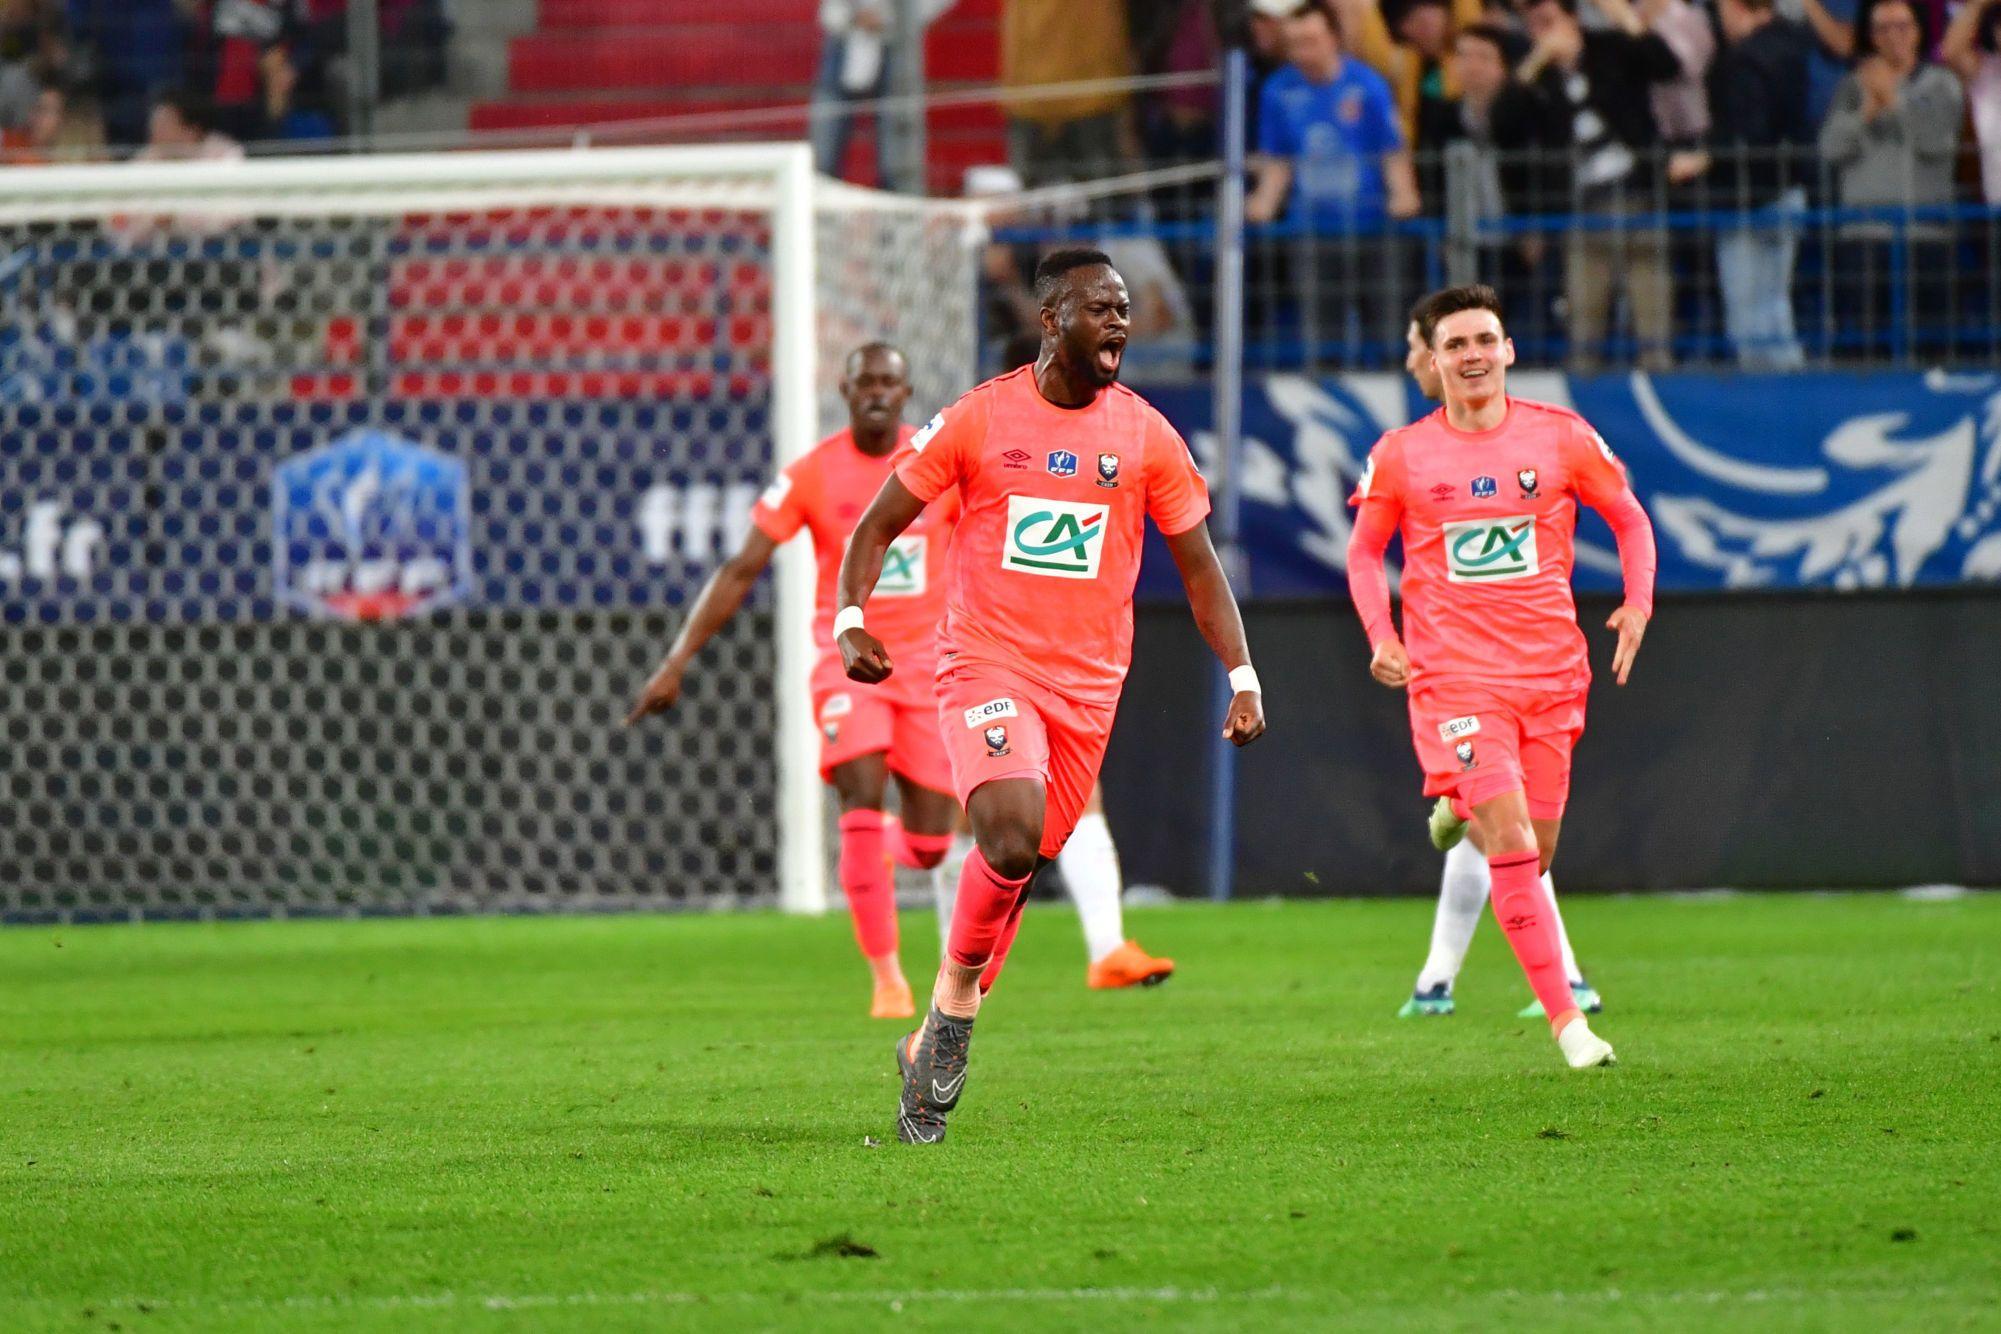 [Sondage] Croyez-vous qu'un exploit du Stade Malherbe soit possible face au PSG ?